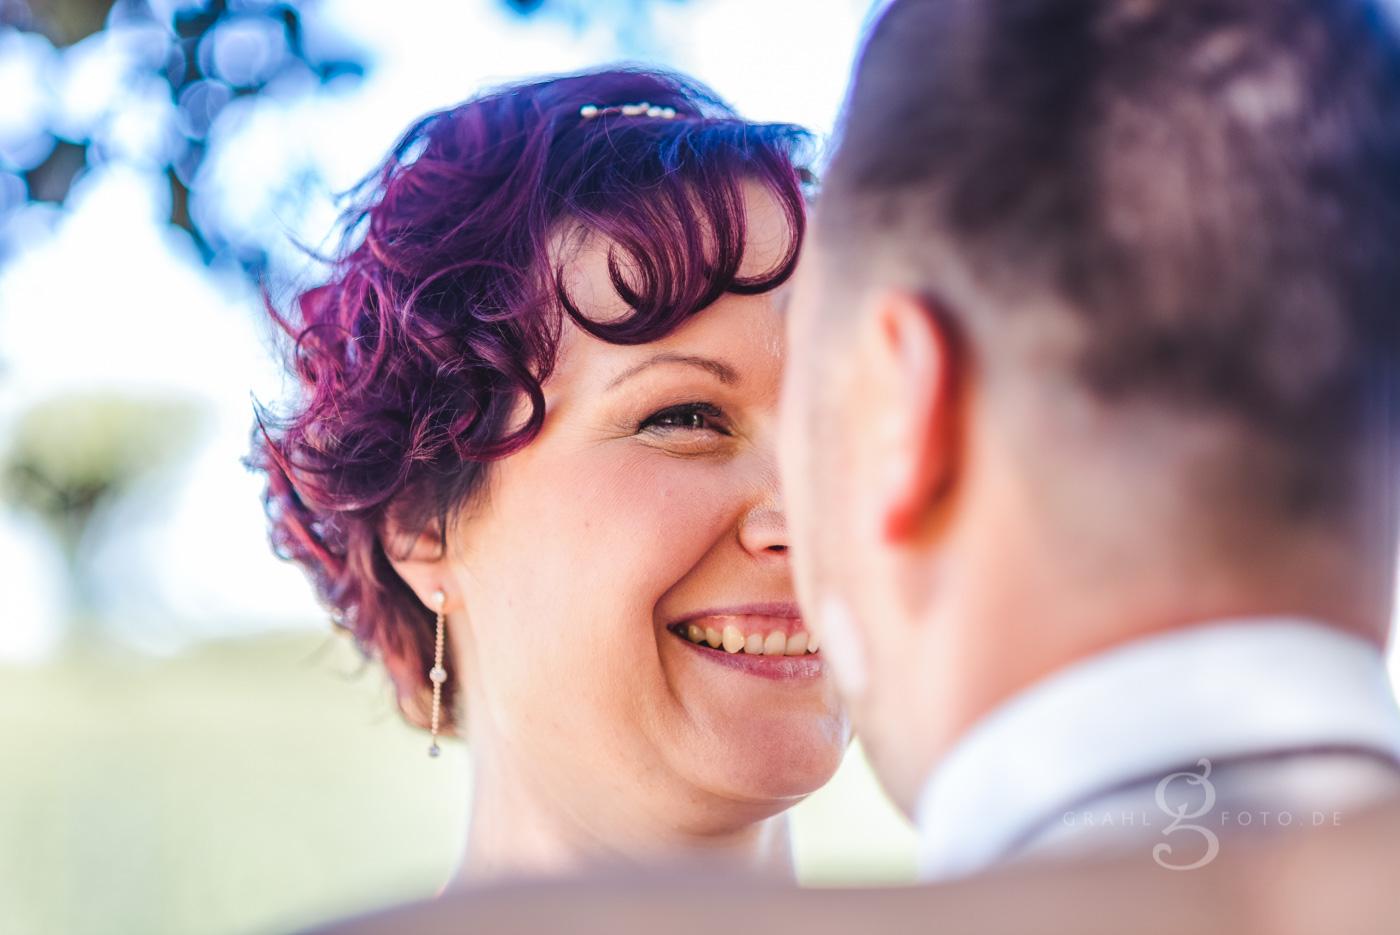 20200801_grahlfoto_unsere_Hochzeit_424_web